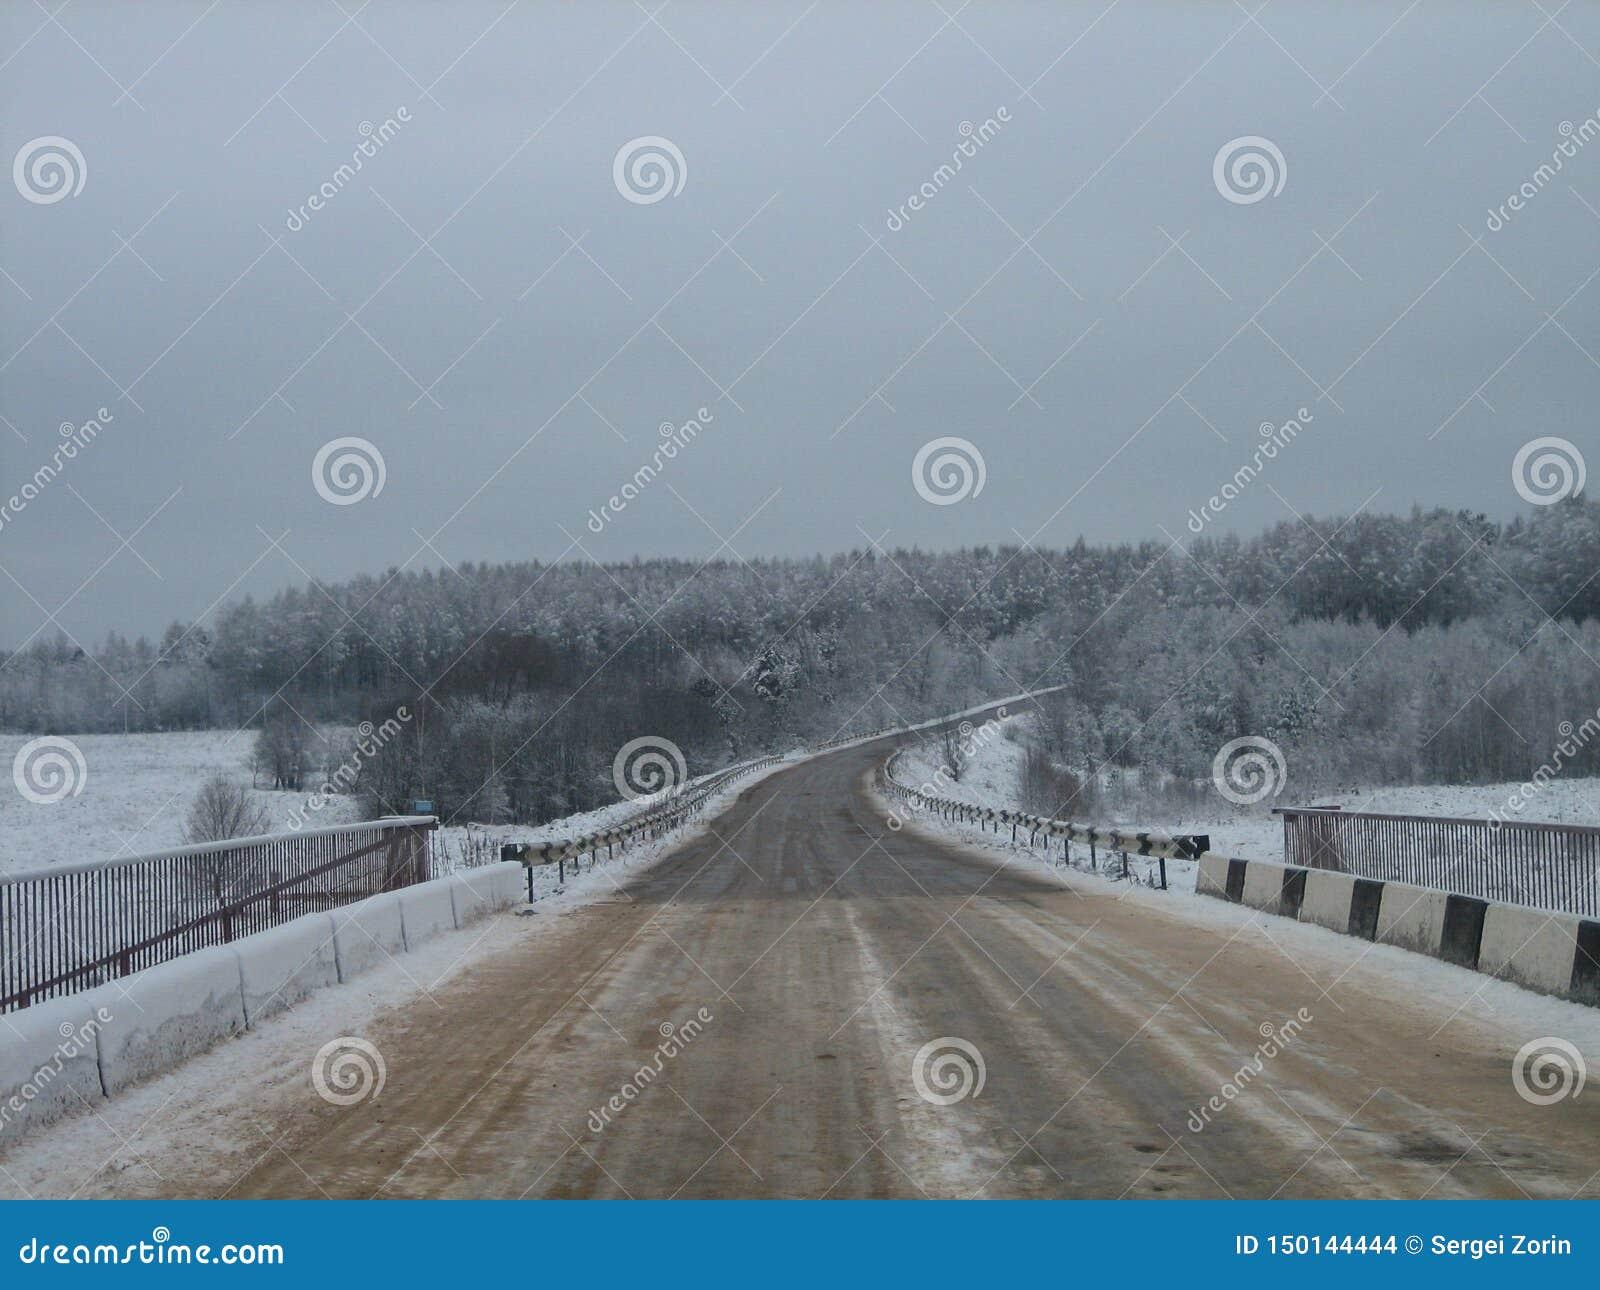 Droga most nad rzeką w lasowej krawędzi w zimie na szarym chmurnym dniu